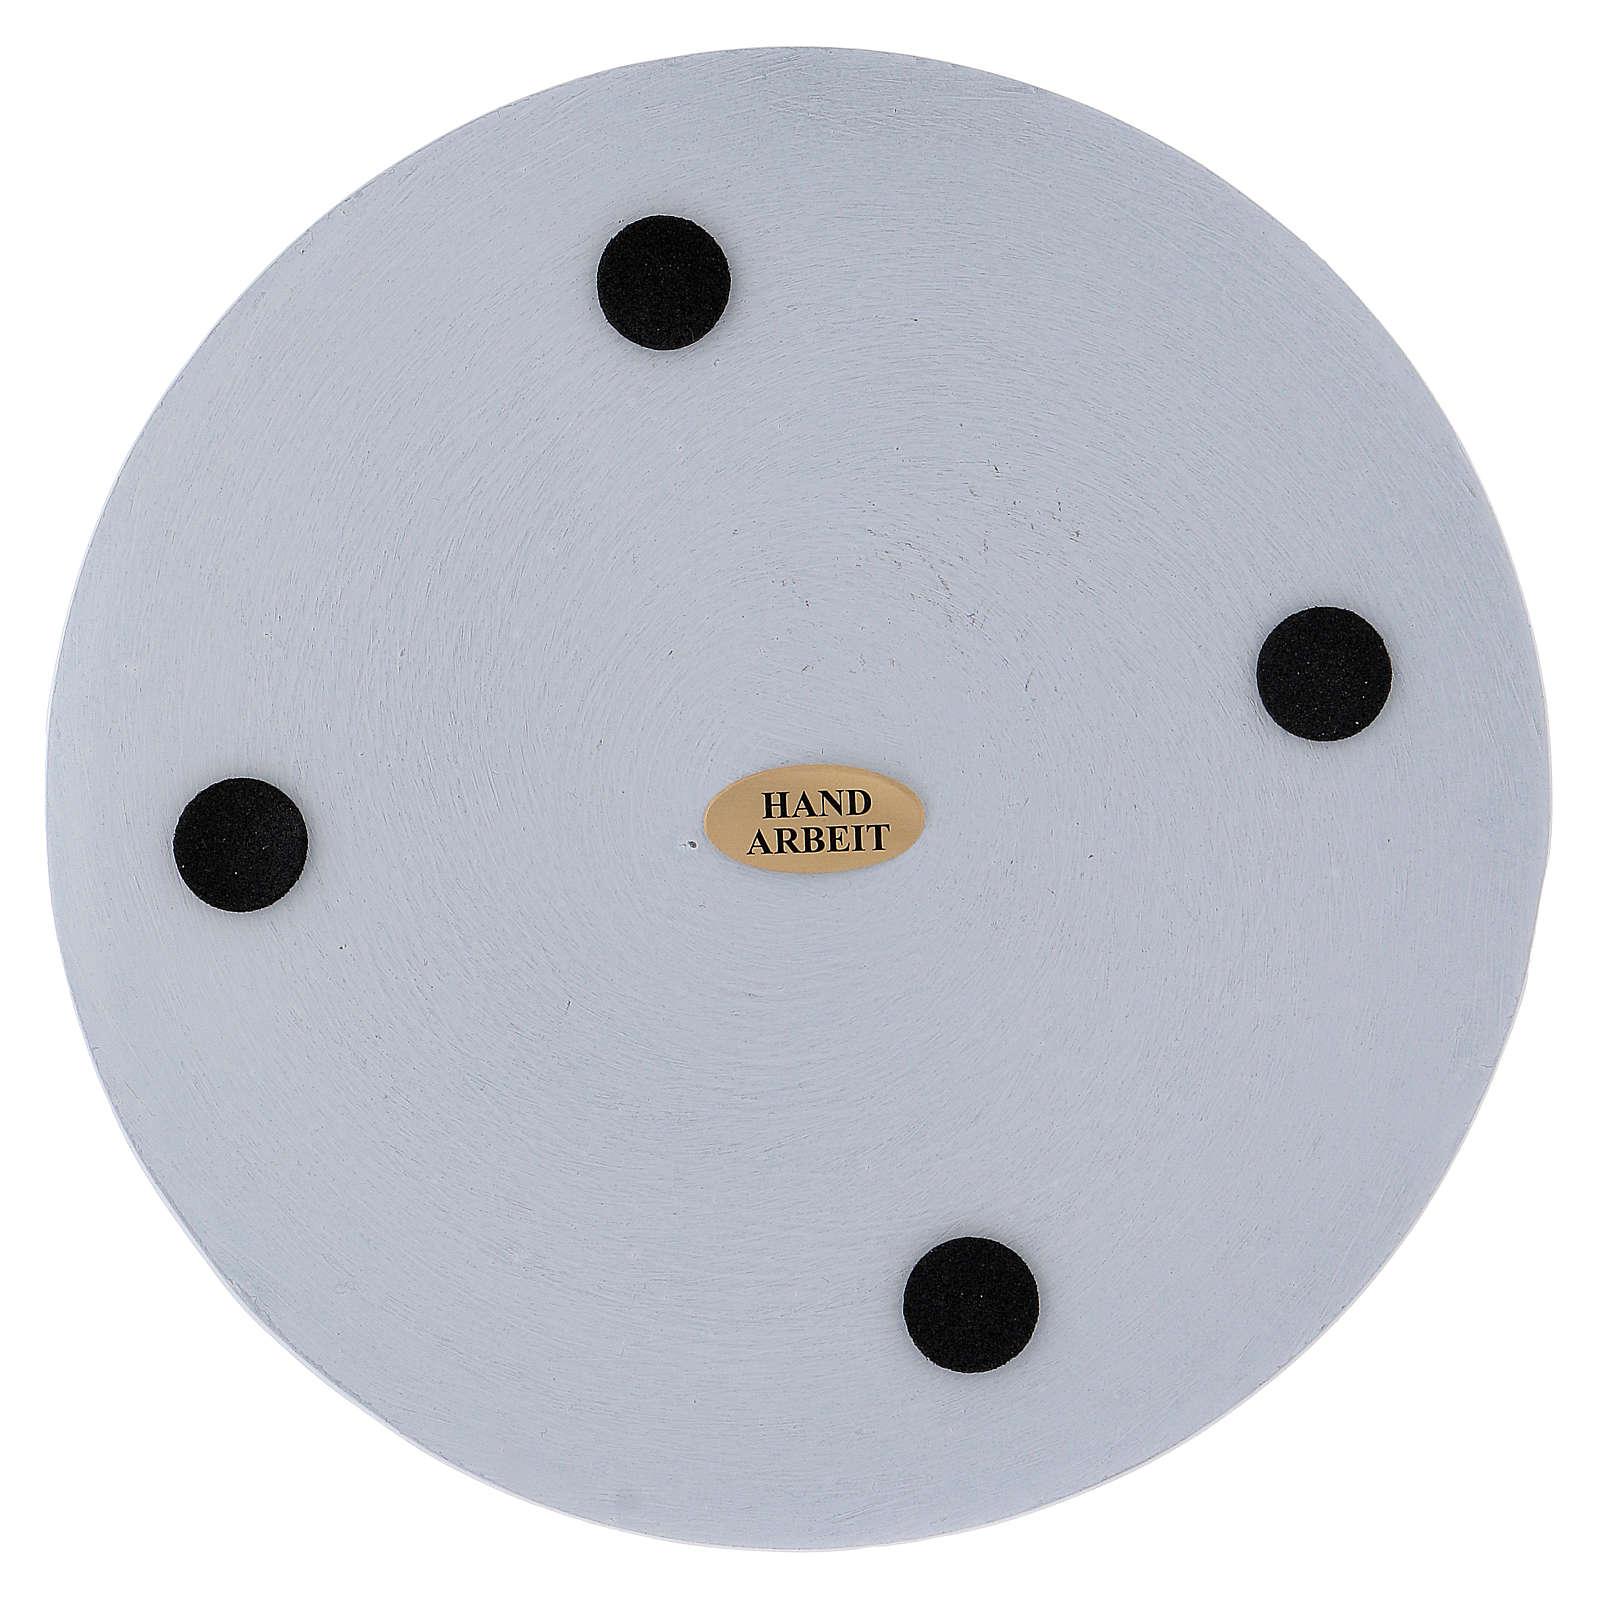 Piattino portacandela rotondo alluminio bianco 14 cm 3